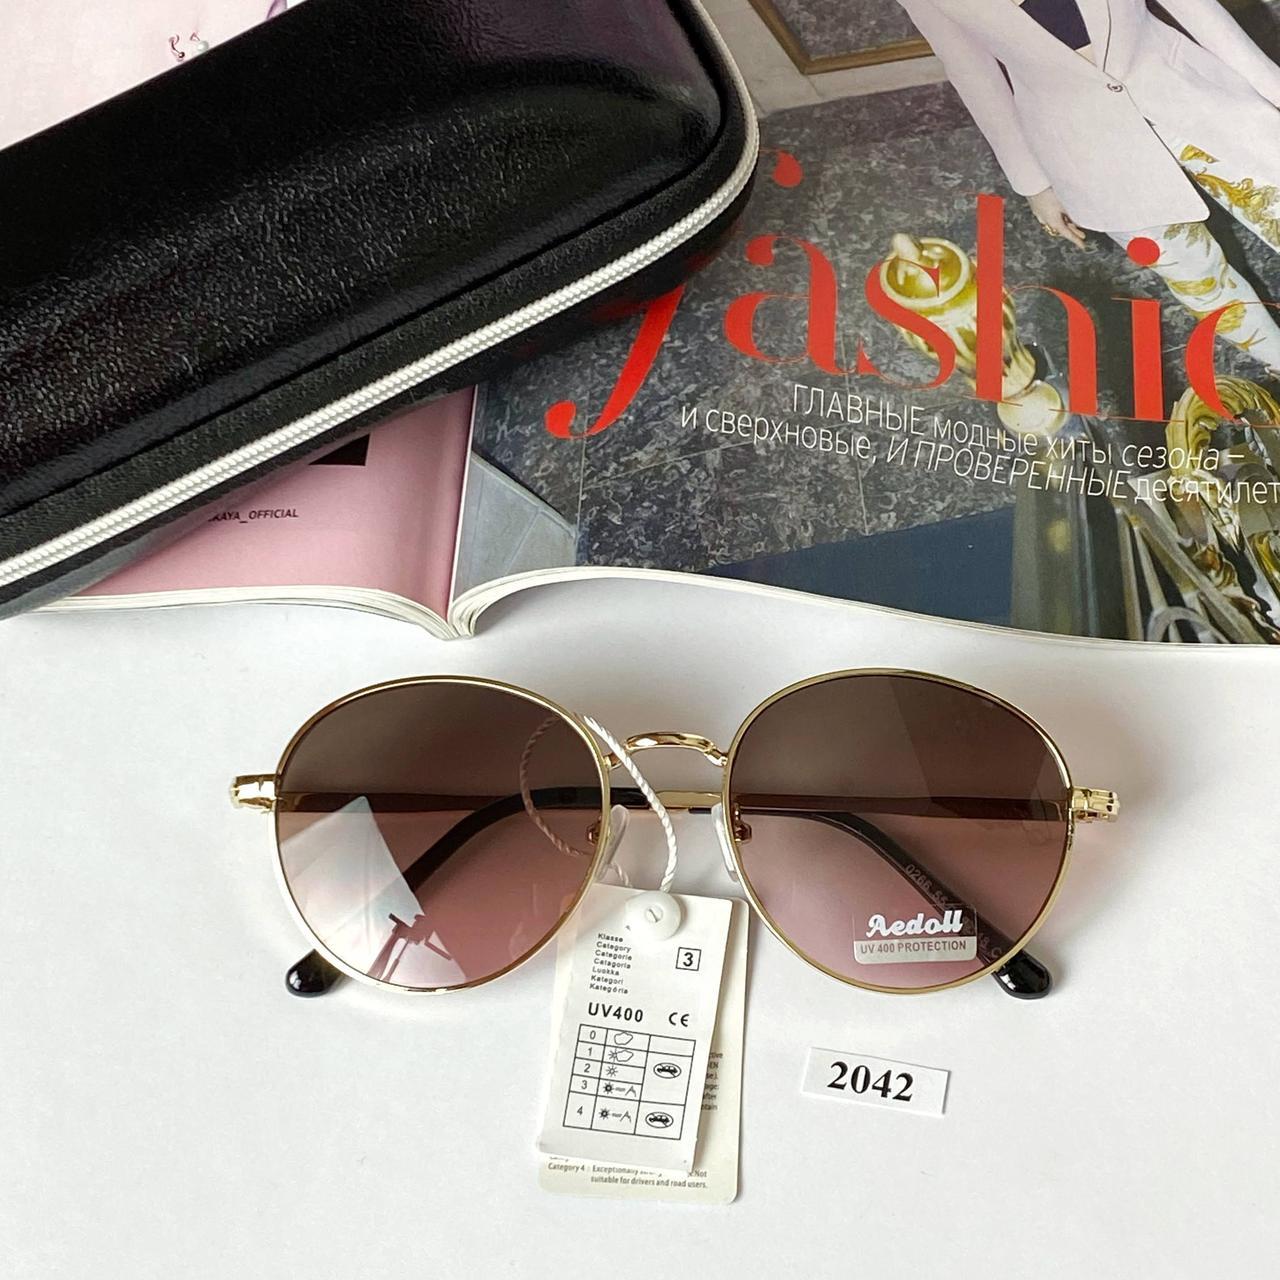 Стильные солнцезащитные очки с розово-коричневой линзой